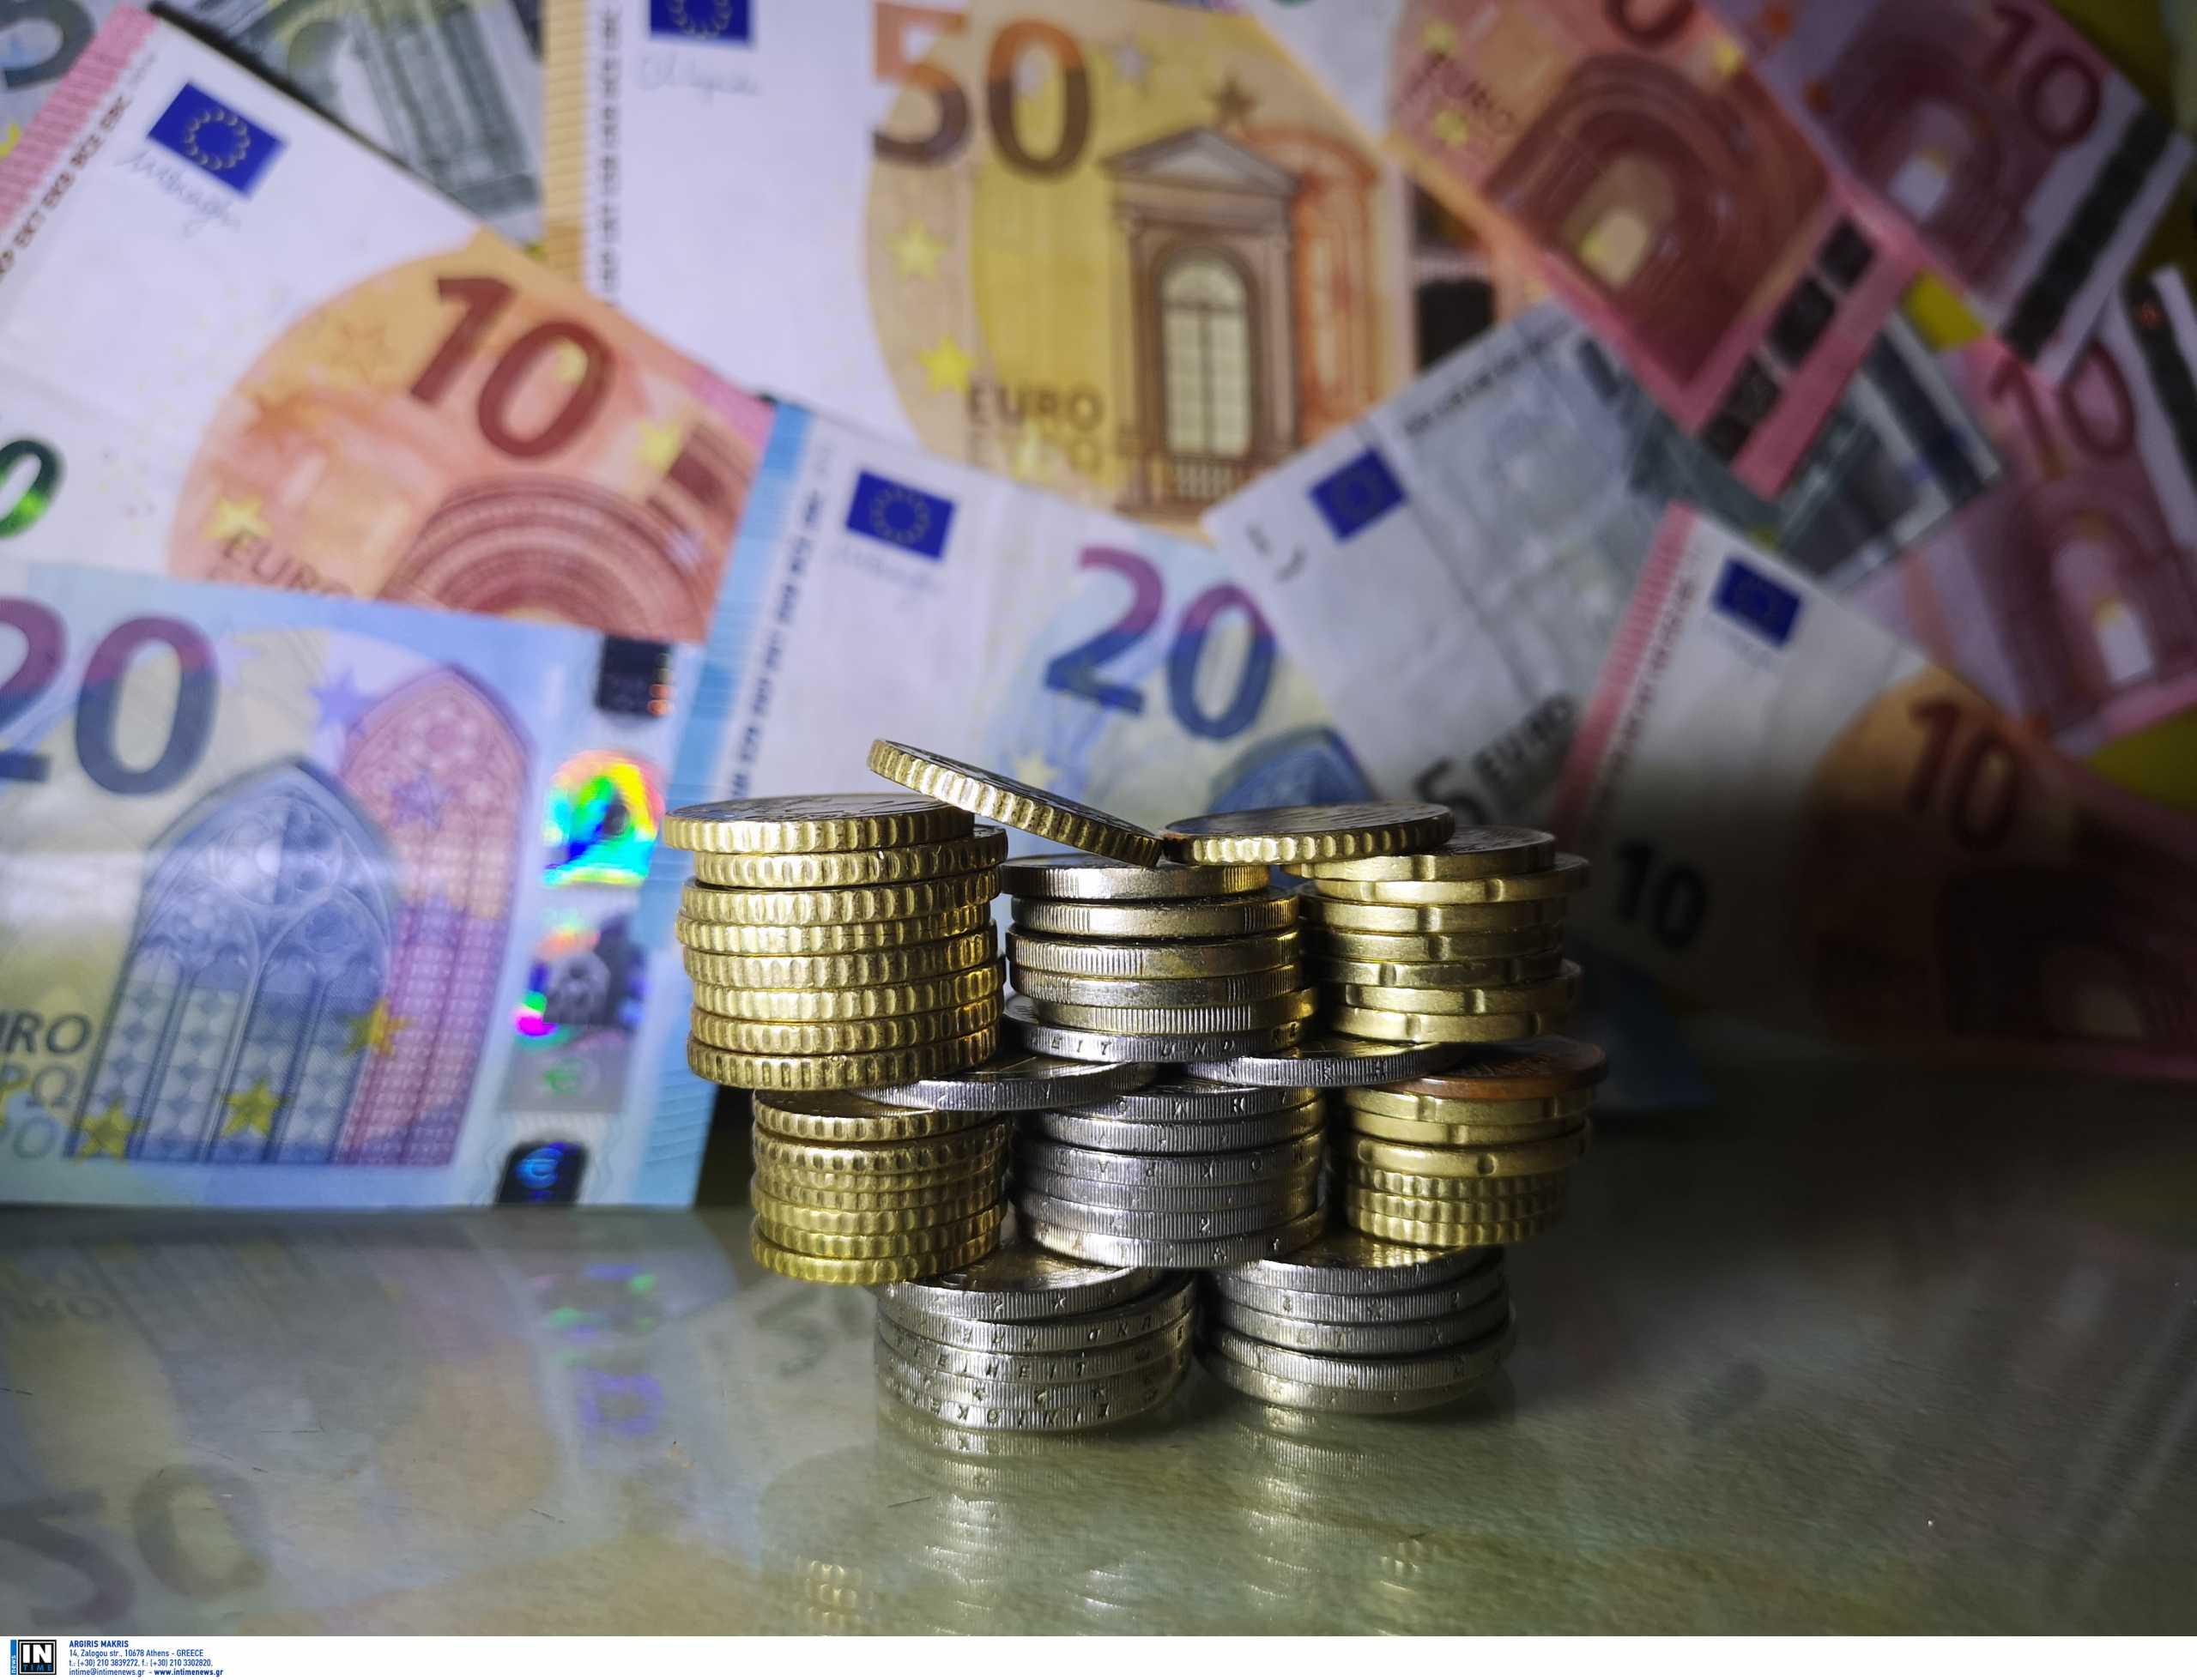 Άρχισαν οι ηλεκτρονικές αιτήσεις χρηματοδότησης για την «Επανεκκίνηση Τουρισμού»